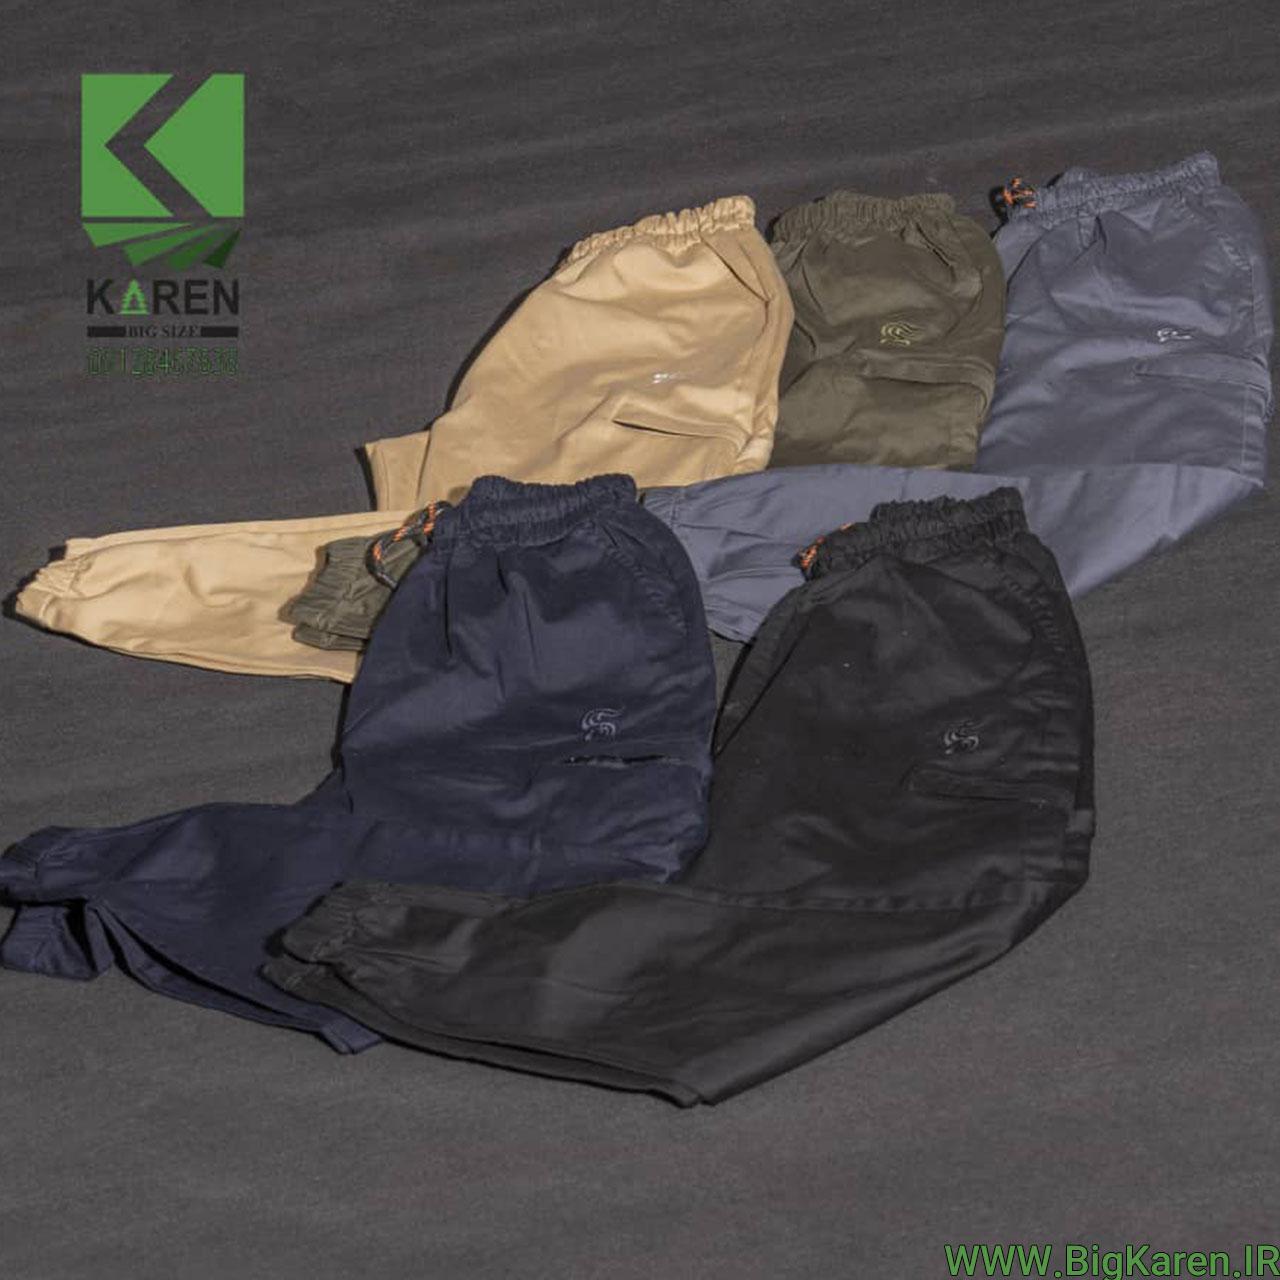 شلوار سایز بزرگ ۶ جیب کتان فول کش در ۵ رنگ خرید اینترنتی از سایت بیگ کارن